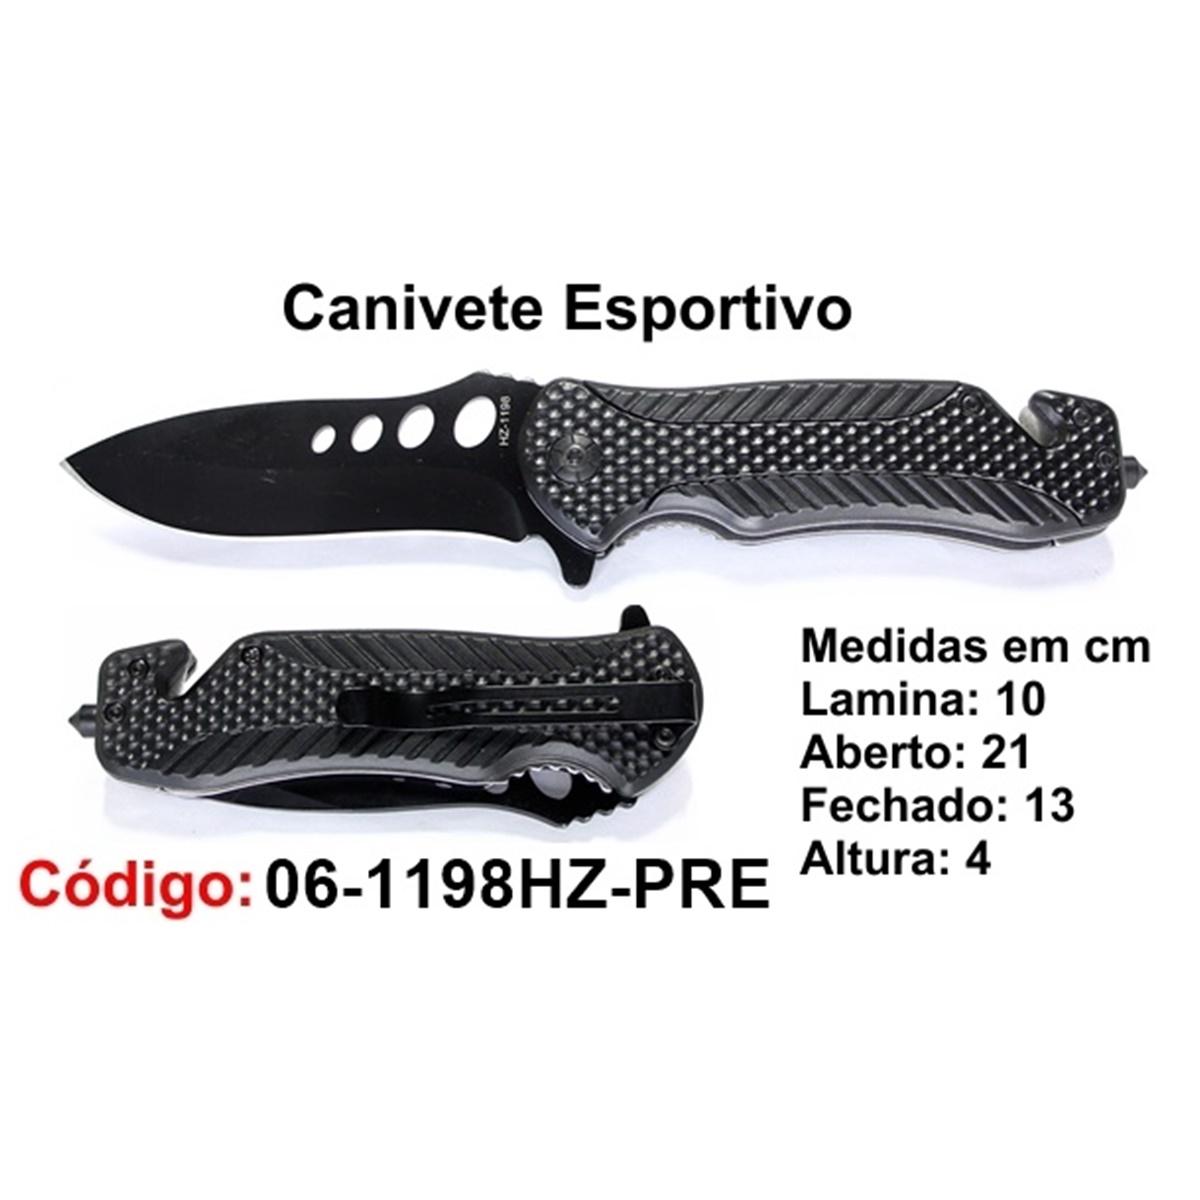 Canivete Esportivo Caça Pesca Etc. 06-1198HZ-PRE